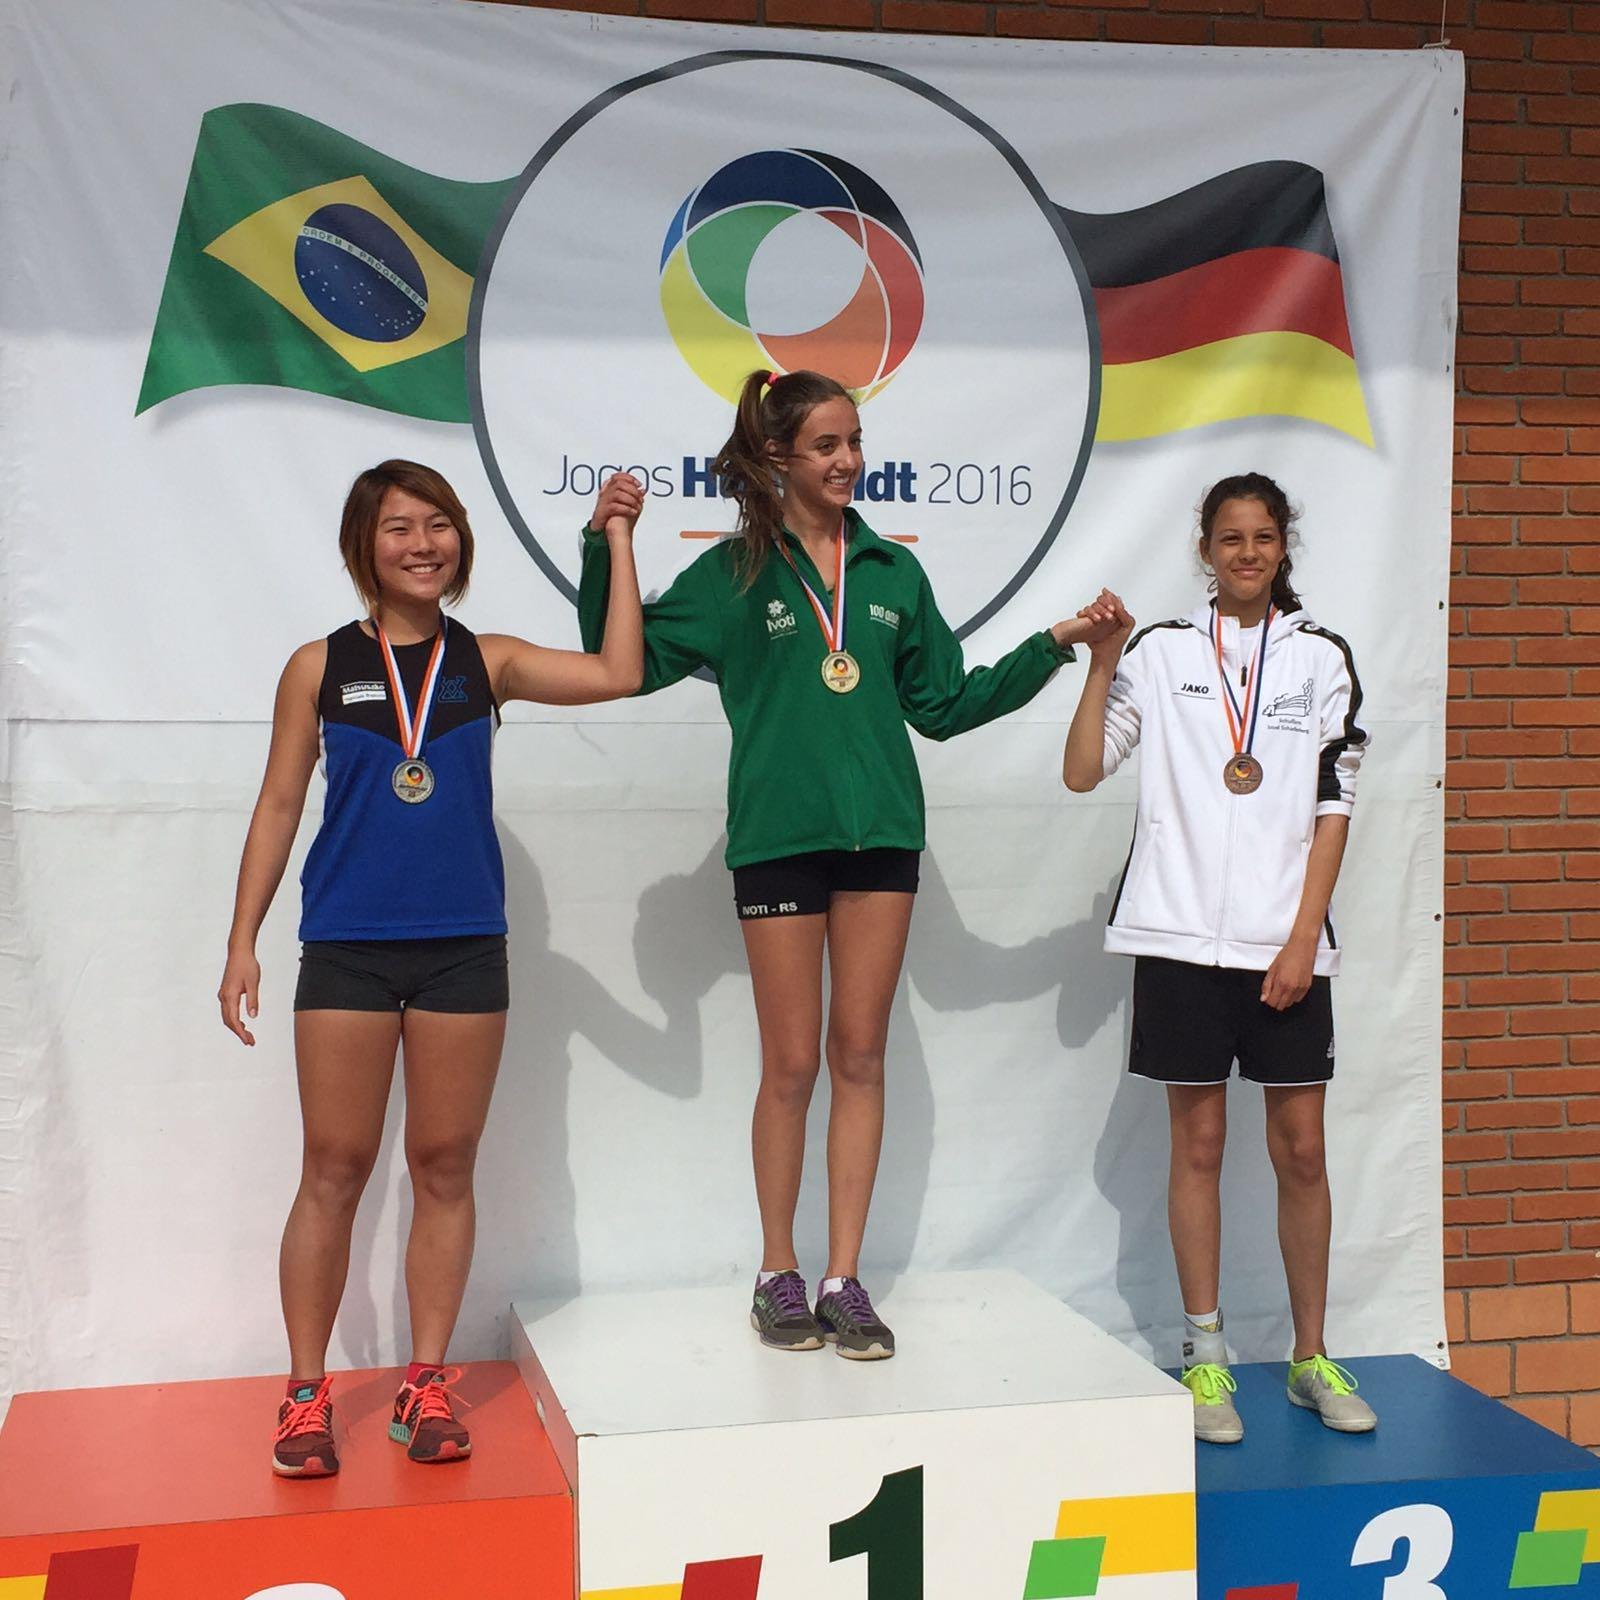 3 Mädchen stehen auf dem Siegerpodest.